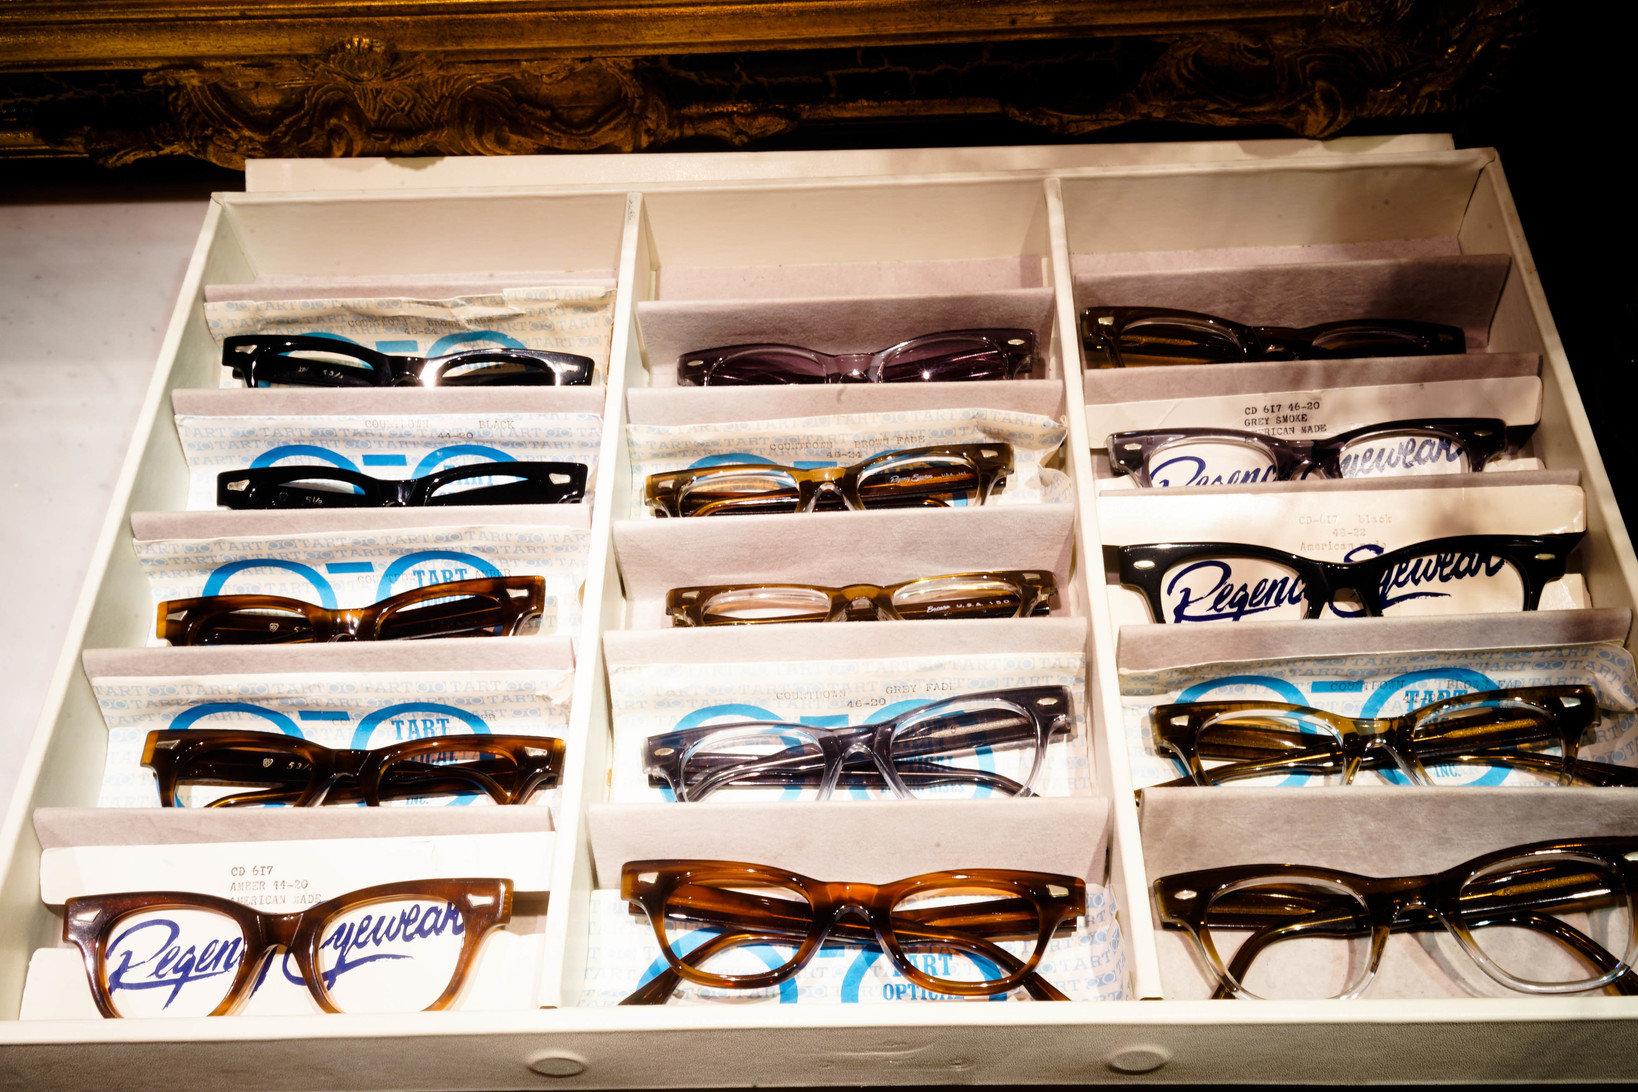 1960年代製造のアメリカのブランド、タートオプティカルのメガネ。同デザインでサイズ/カラーバリエーションが豊富なのが特徴。